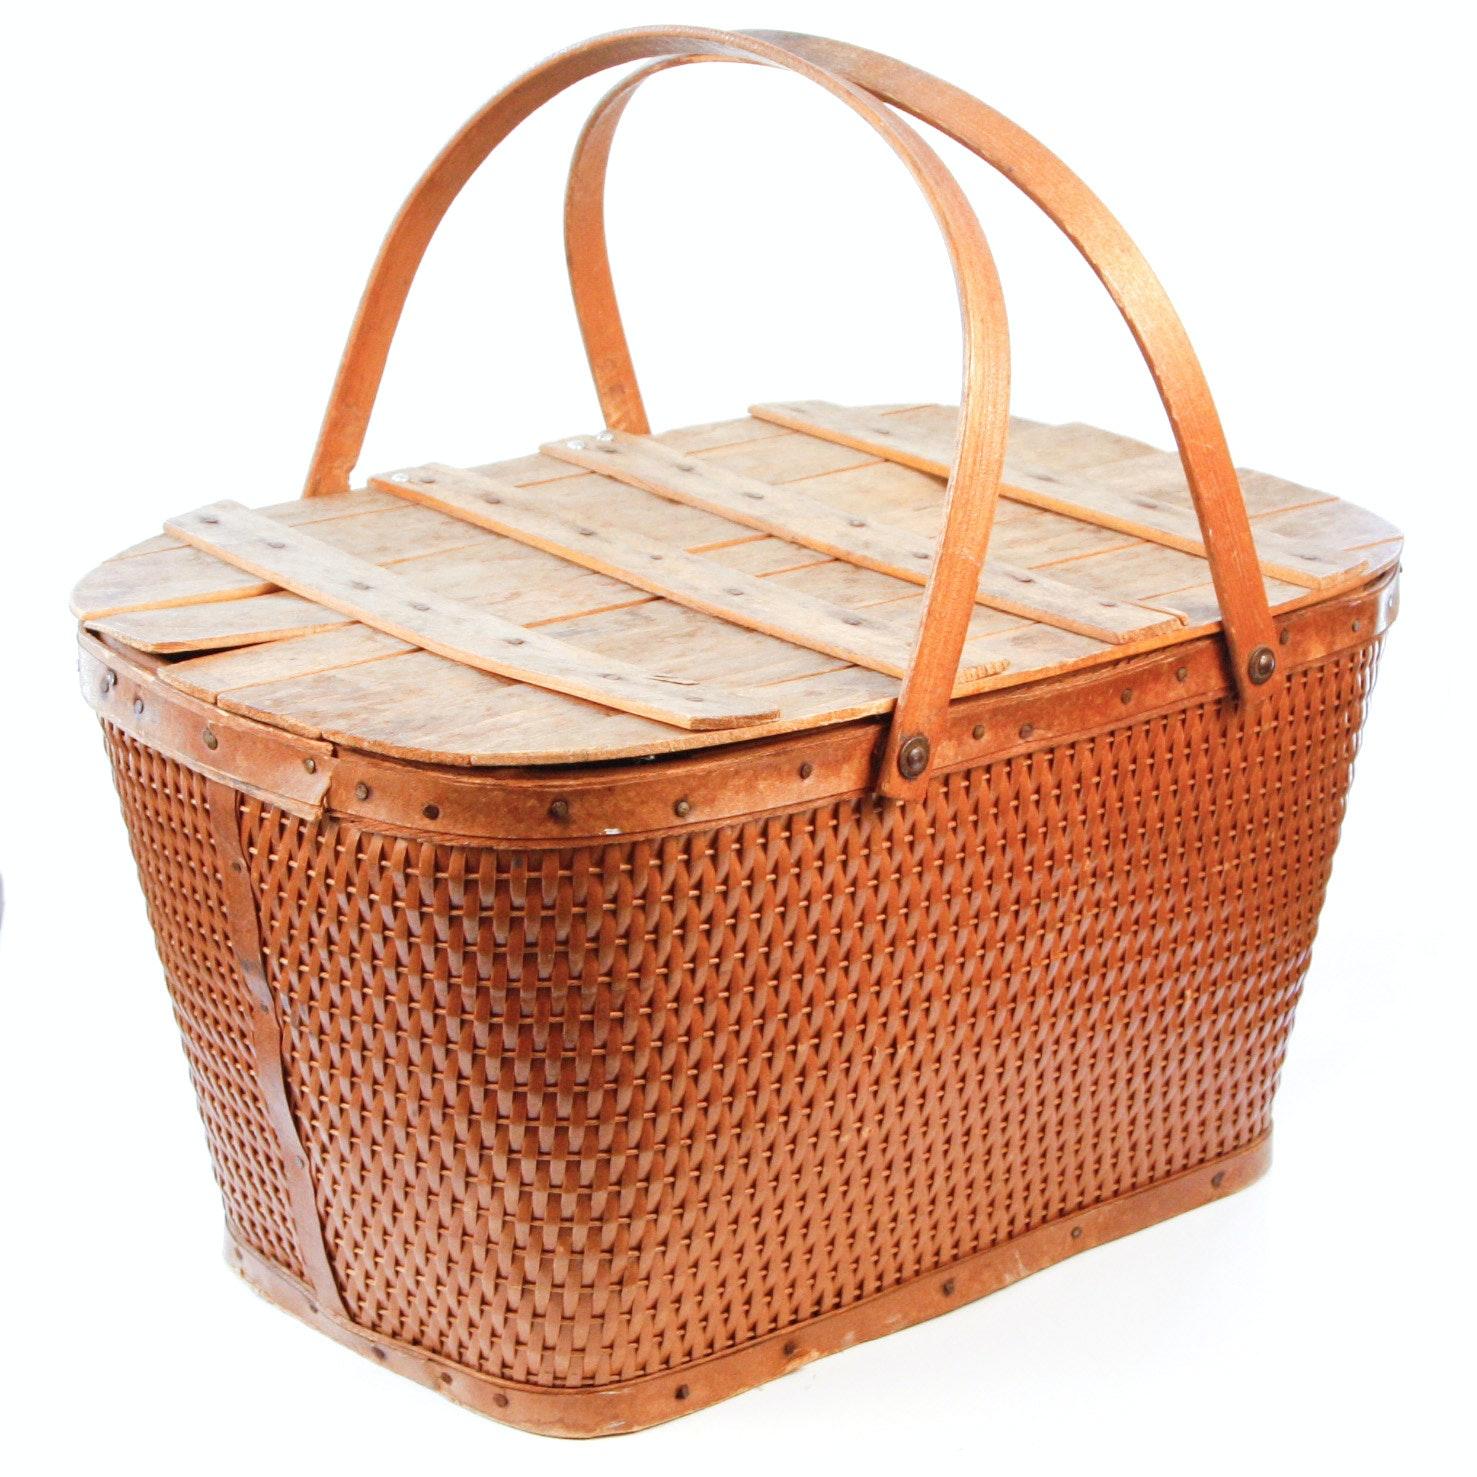 Vintage Handmade Picnic Basket